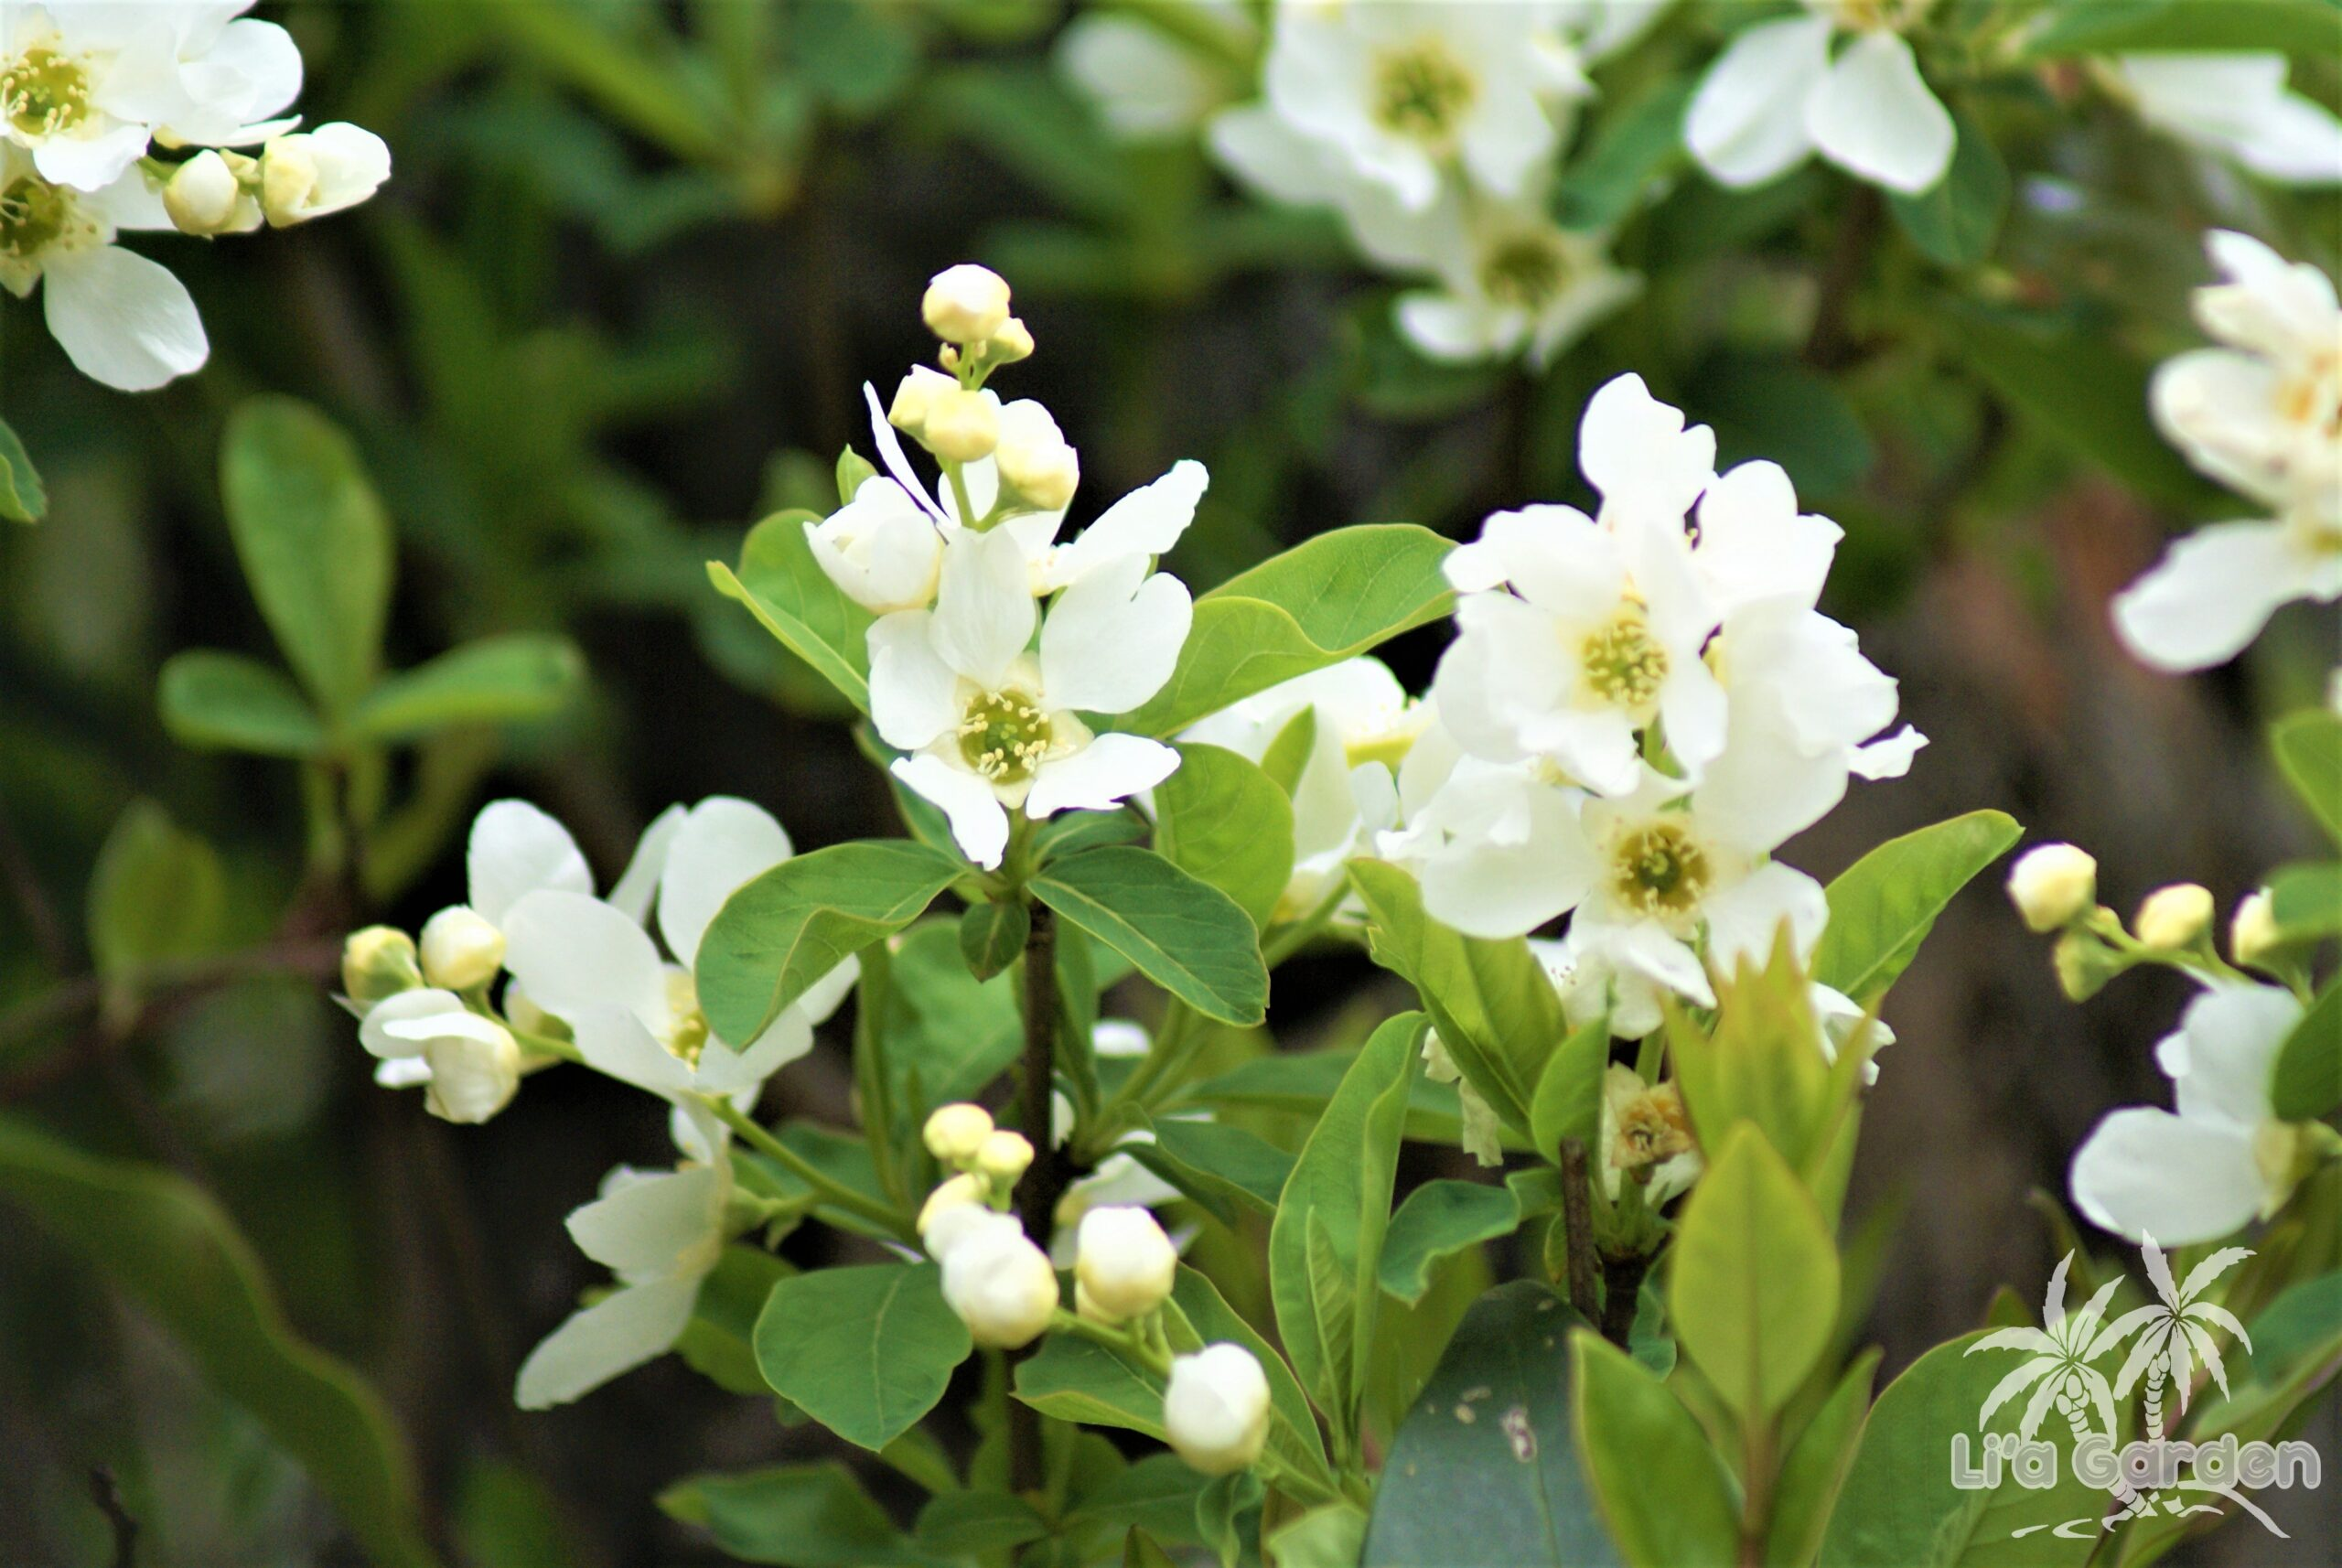 【中木】 リキュウバイ Exochorda racemosa 〈落葉広葉樹〉